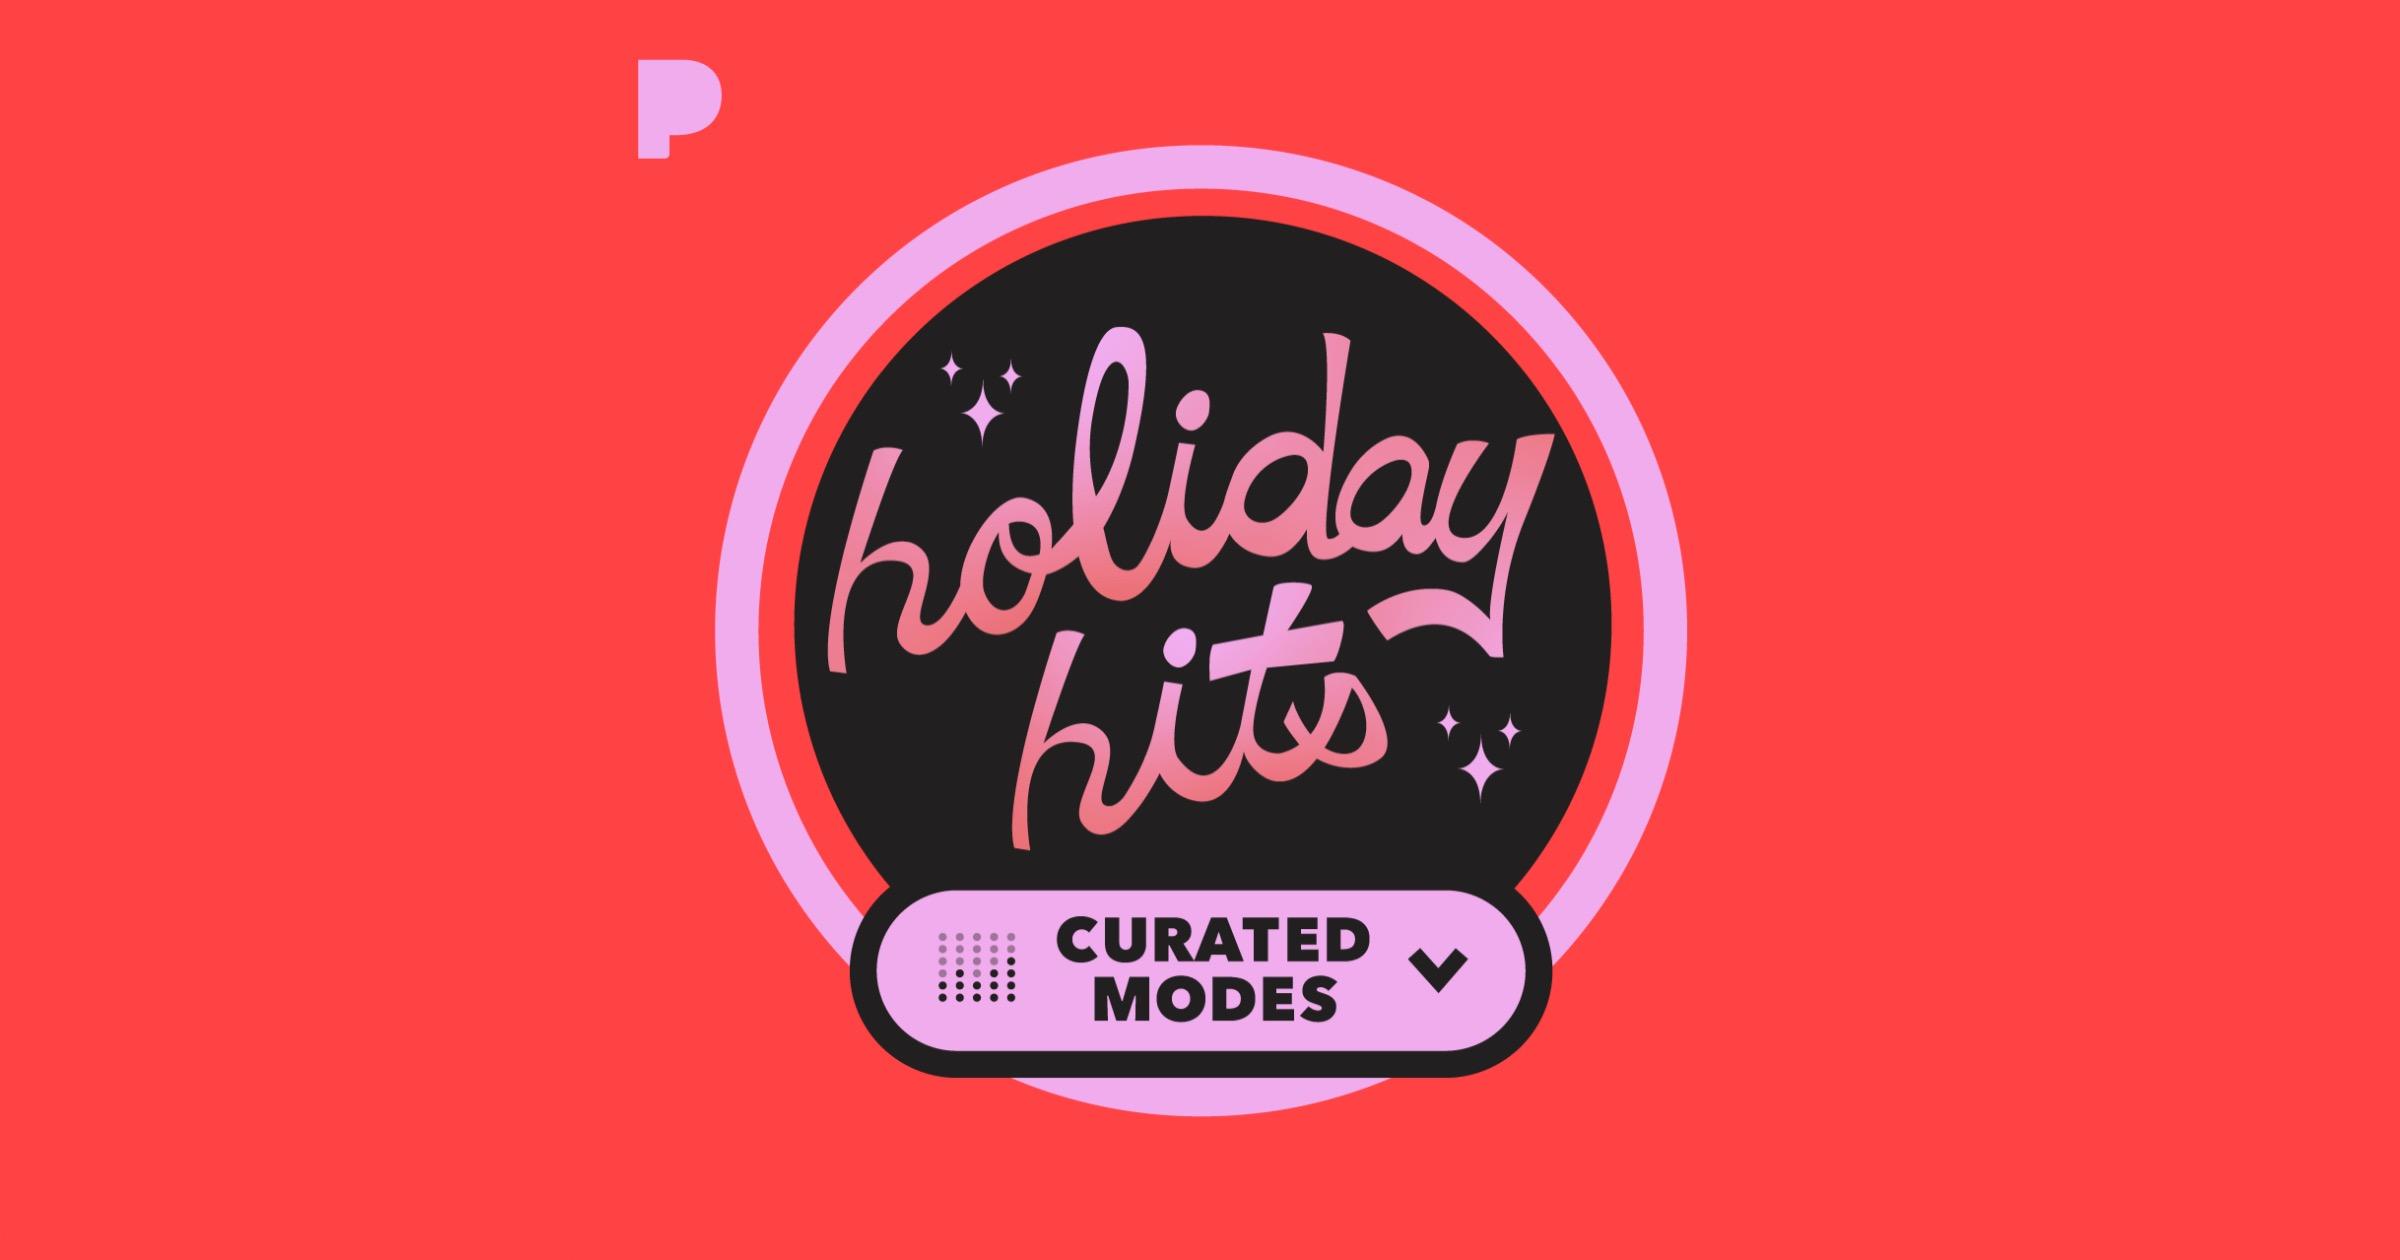 Pandora 2020 holiday music